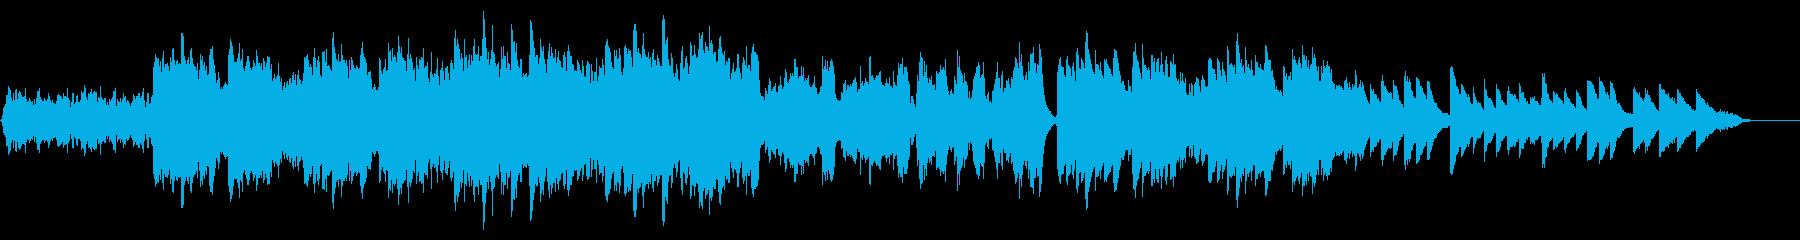 ハリウッド風ダークファンタジー、エピックの再生済みの波形